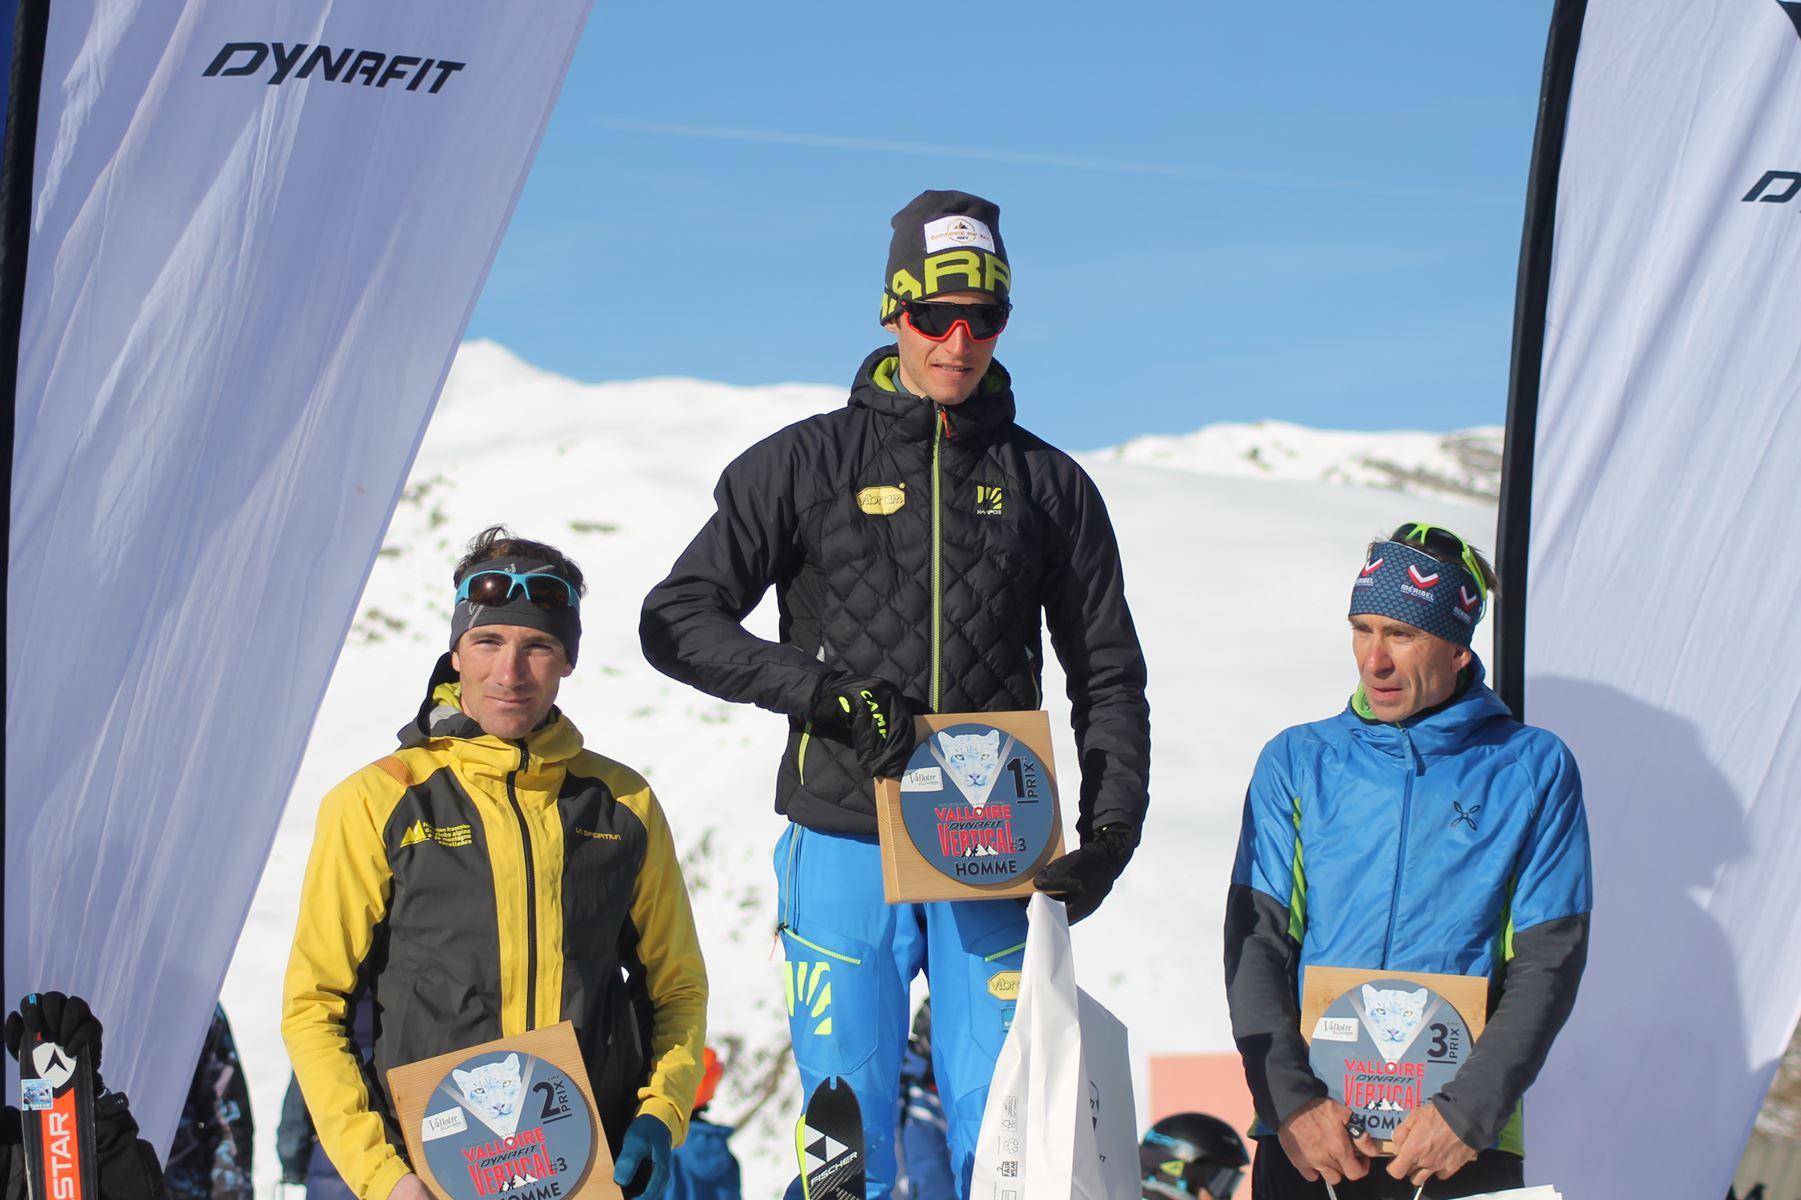 podium masculin - Résultats de la 3ème édition du Valloire Dynafit Vertical (ski alpi) 04/01/2020